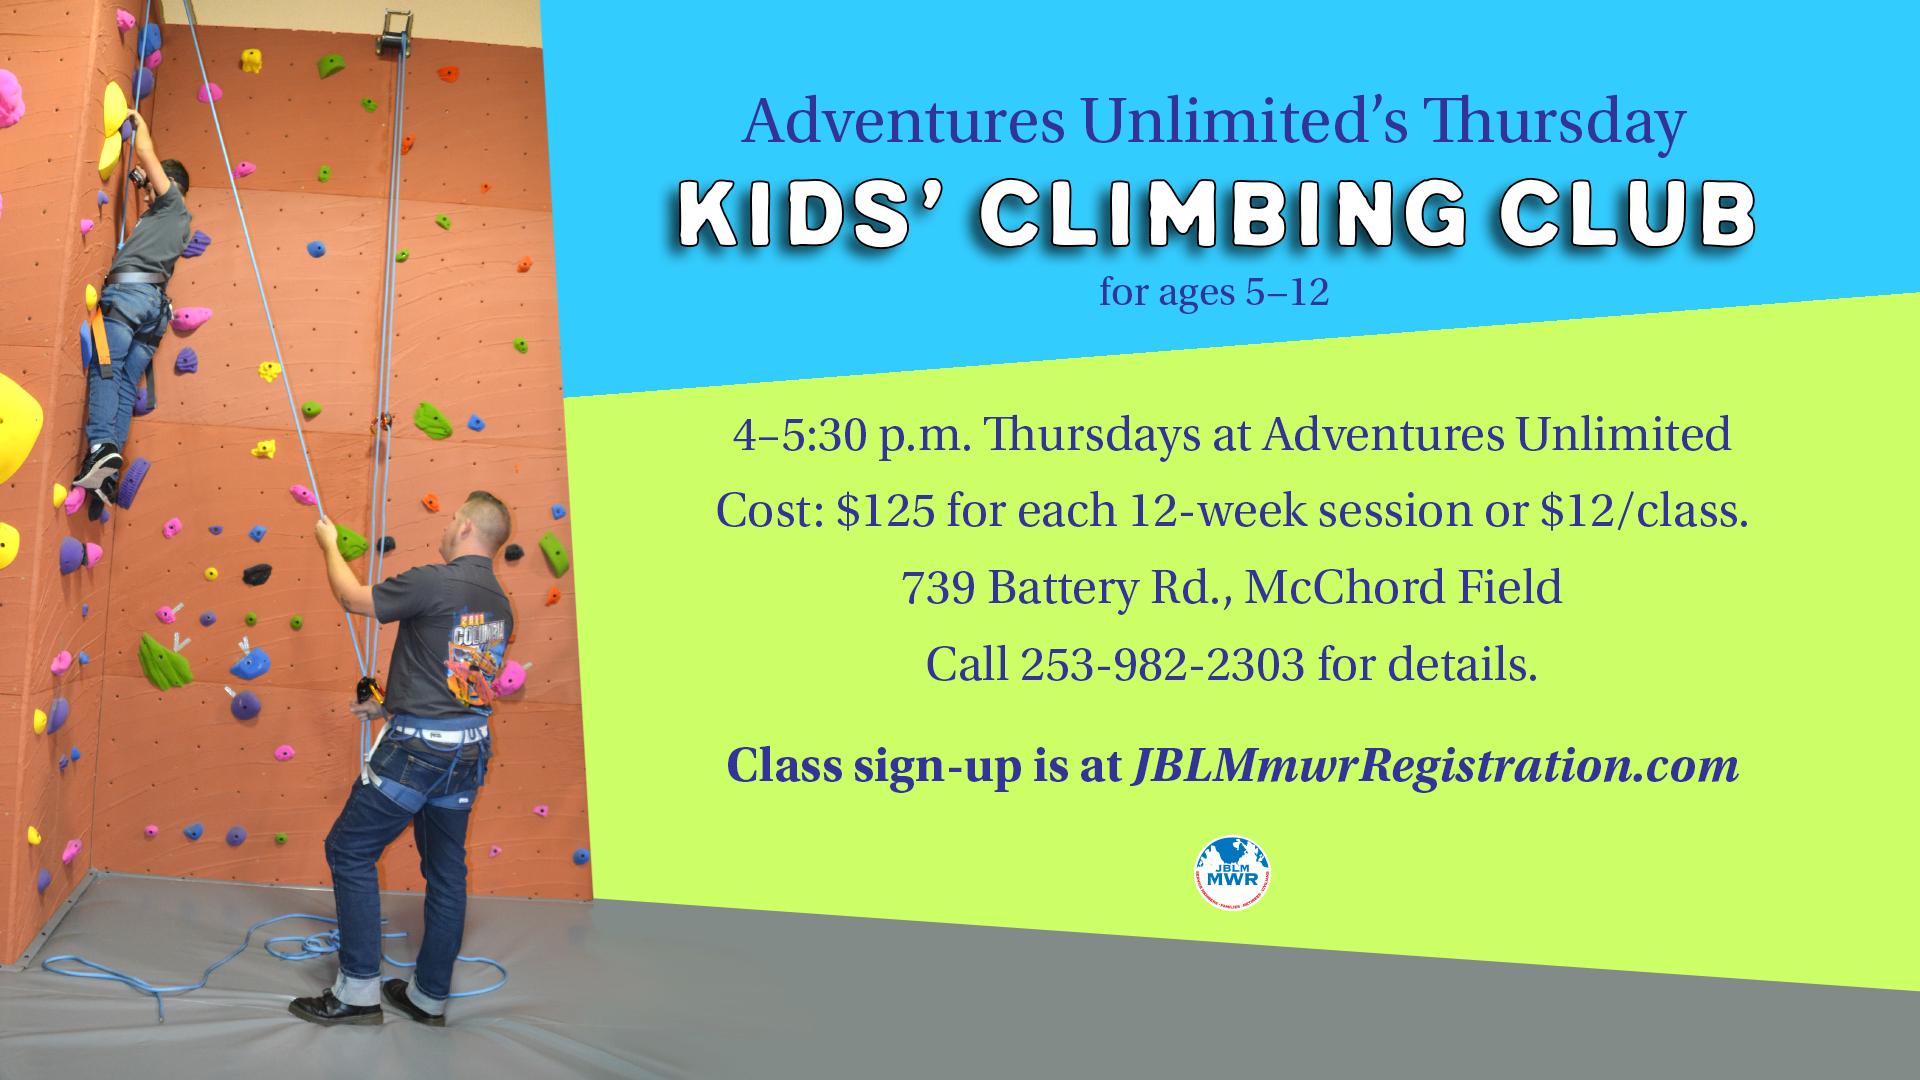 Kids' Climbing Club